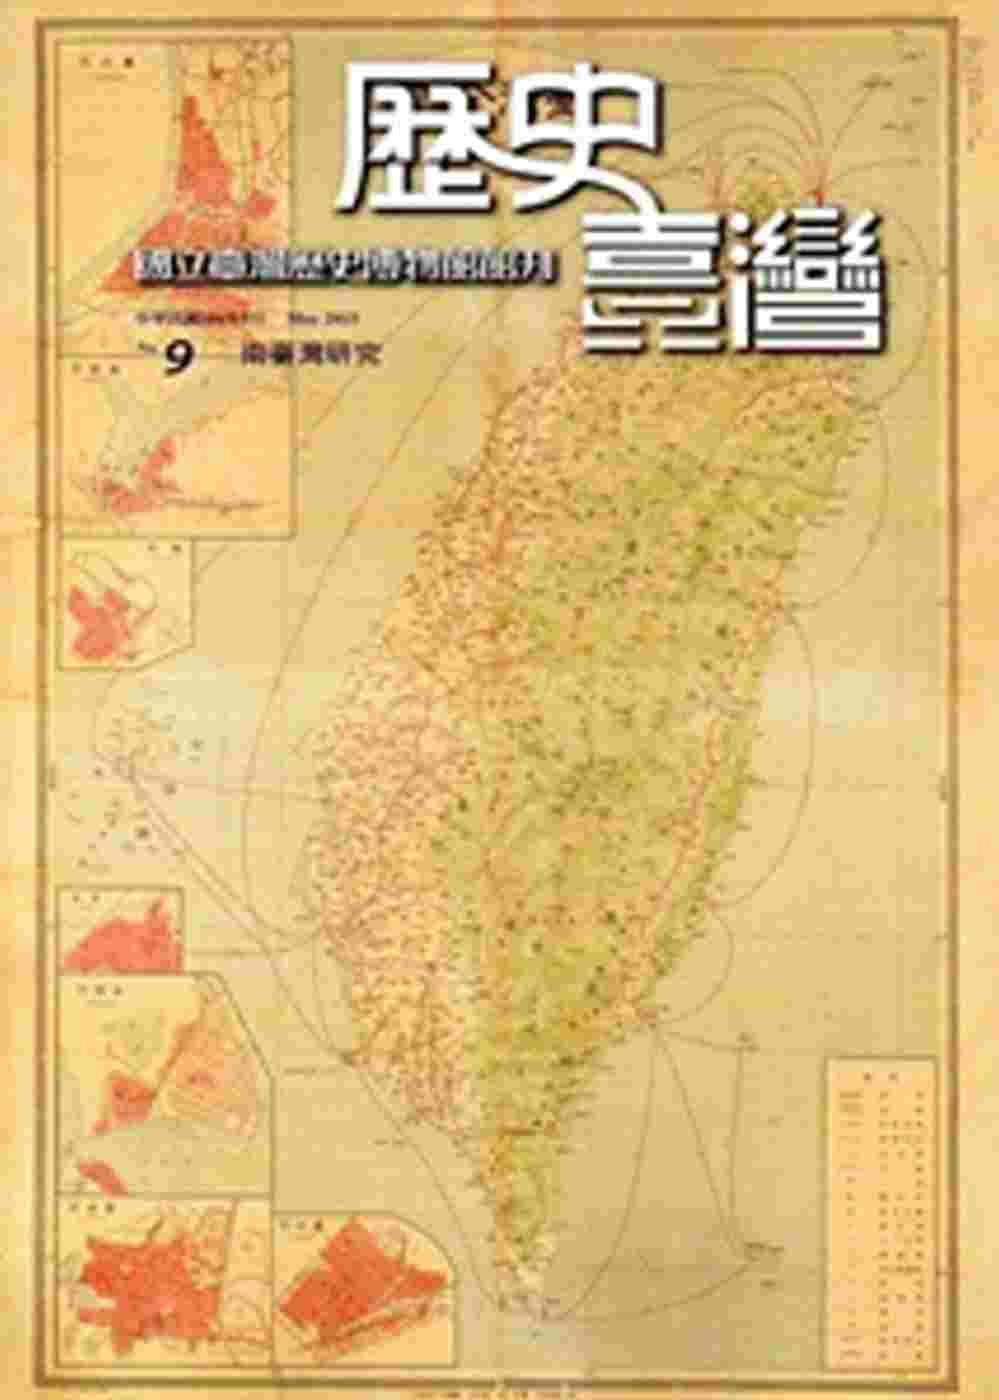 歷史臺灣:國立臺灣歷史博物館館刊第9期(104.05)